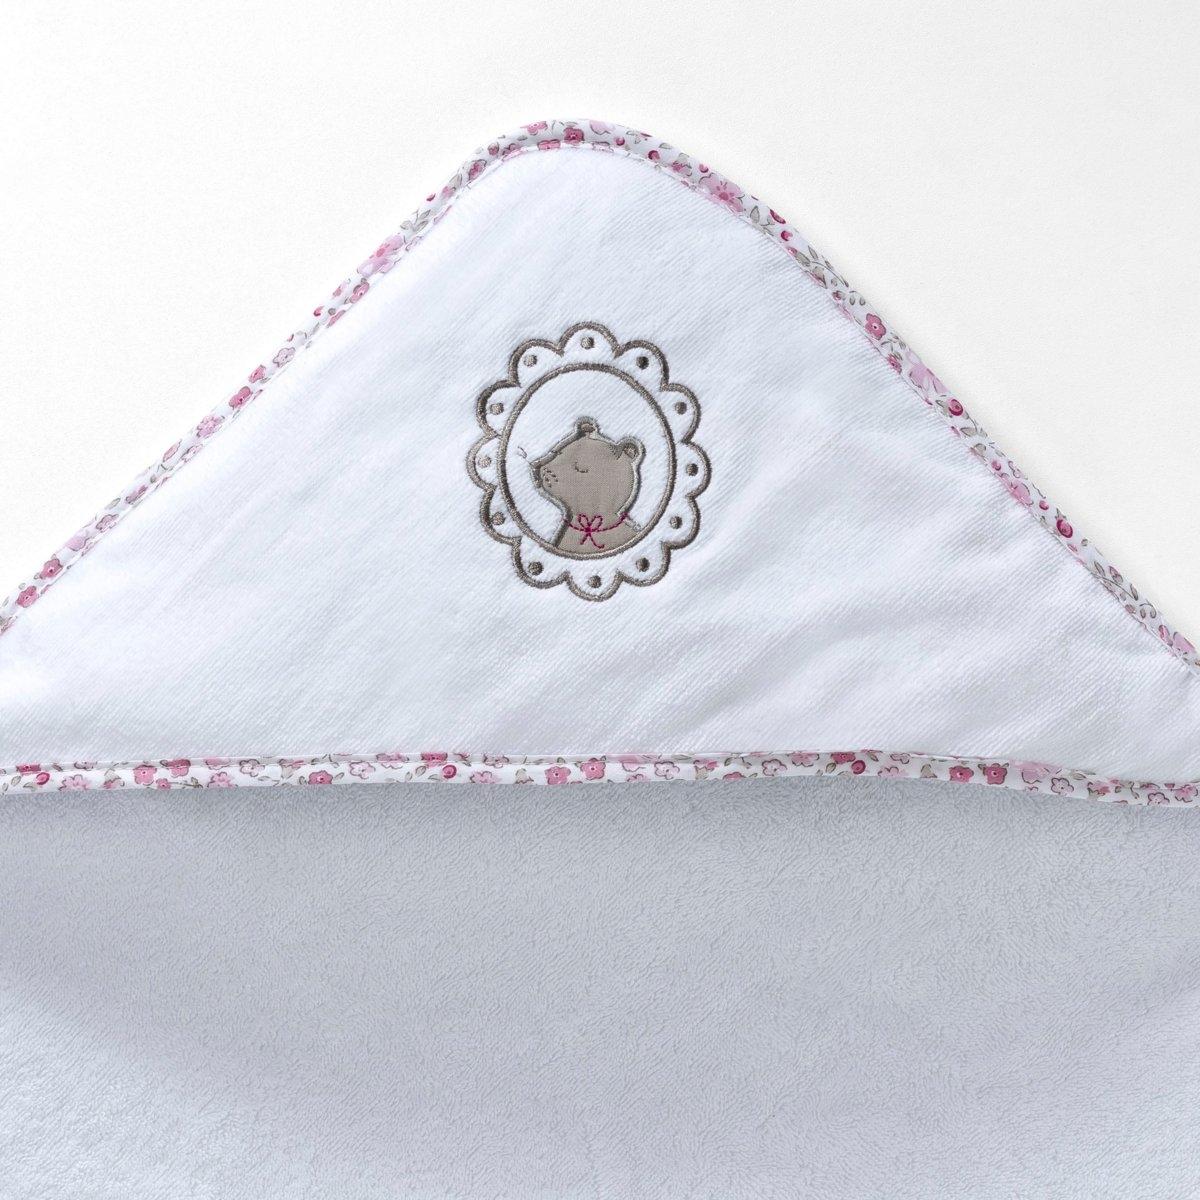 Накидка и банная рукавичка ЛилиМягкая и нежная махровая ткань с прекрасными впитывающими свойствами, 100% хлопка, 400 г/м?. Накидка: вышивка мышка, отделка контрастным кантом. Рукавичка: 1 сторона из велюра, 1 сторона из махровой ткани, отделка кантом с цветочным рисунком. Машинная стирка при 60°. Красивая идея для подарка!<br><br>Цвет: белый<br>Размер: 100 x 100  см